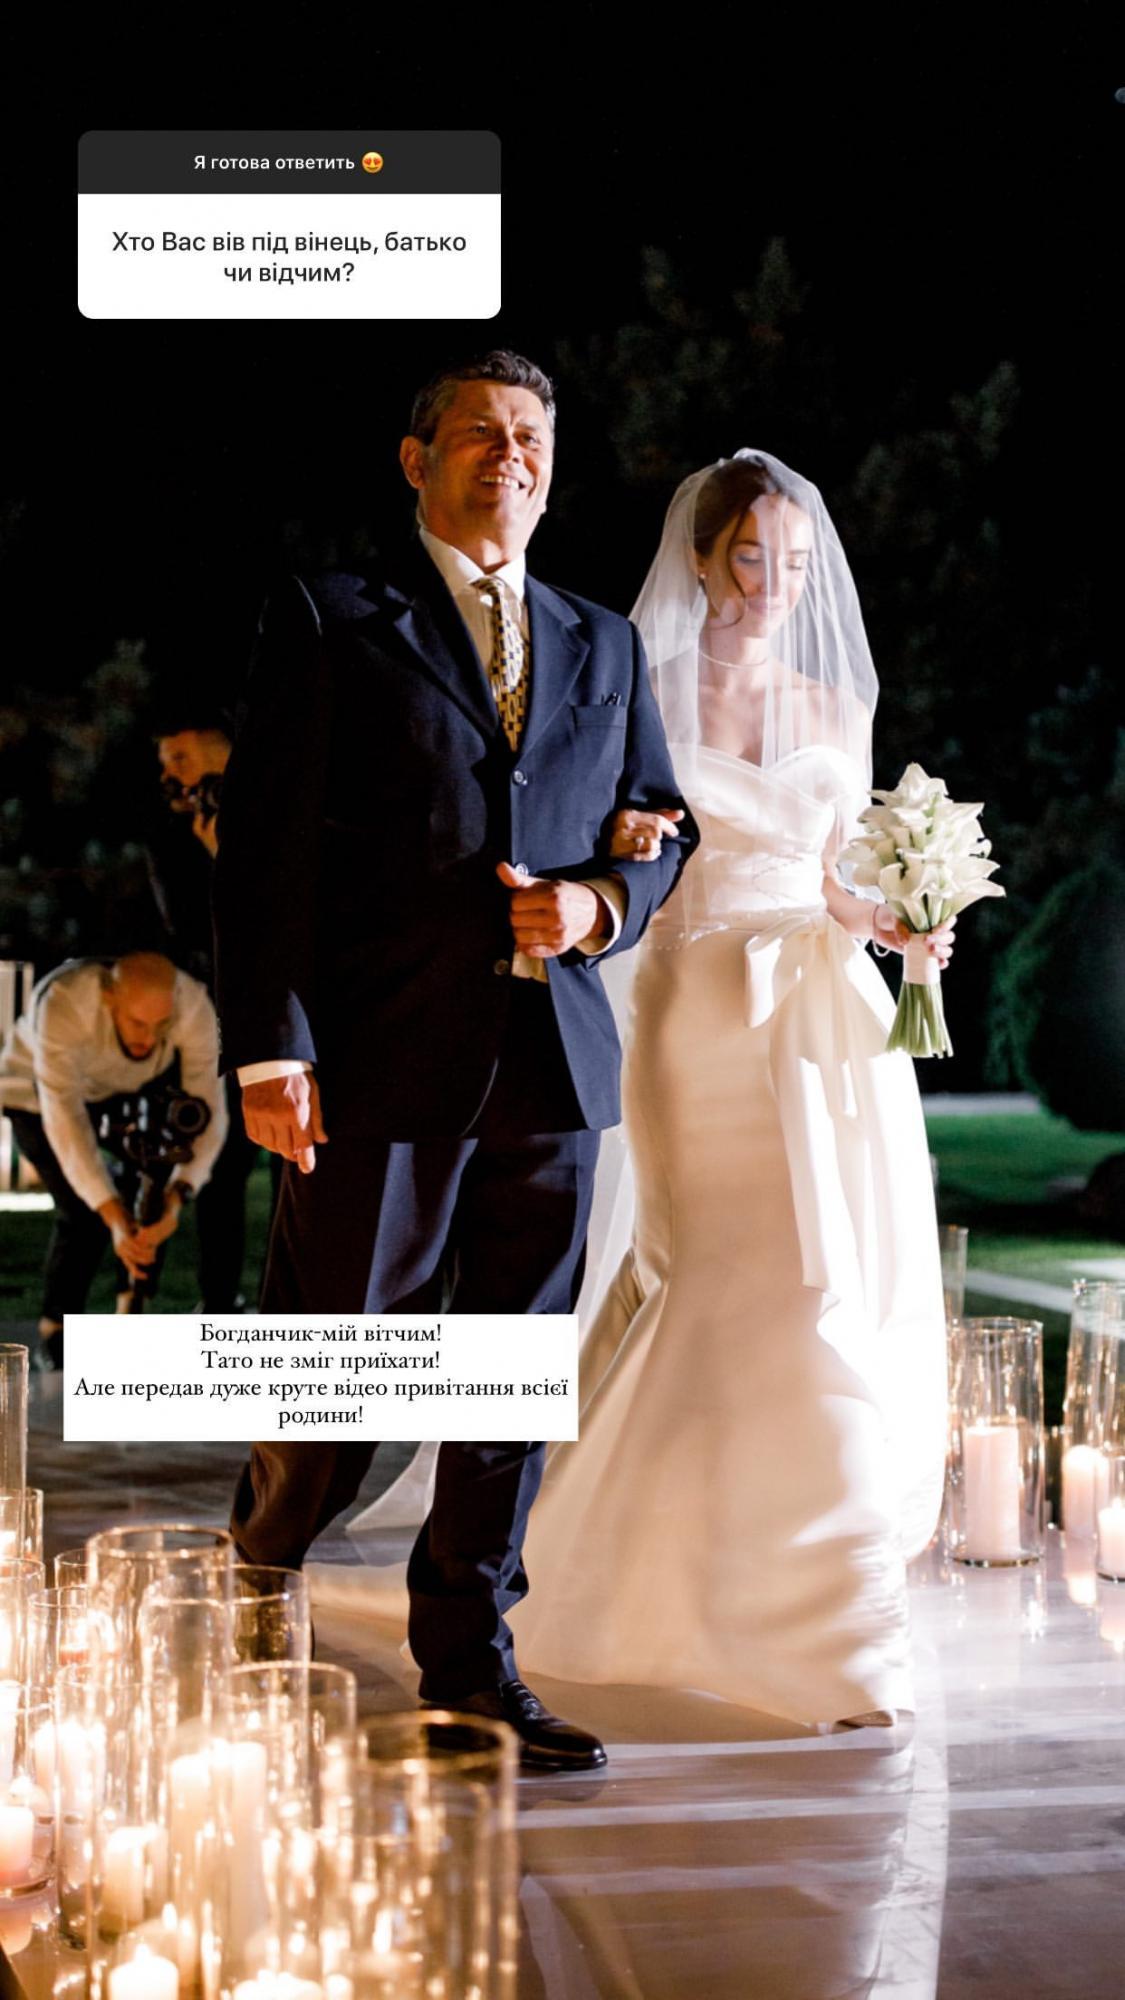 Остапчук з дружиною розсекретив, куди вирушив у весільну подорож і розкрив деталі весілля